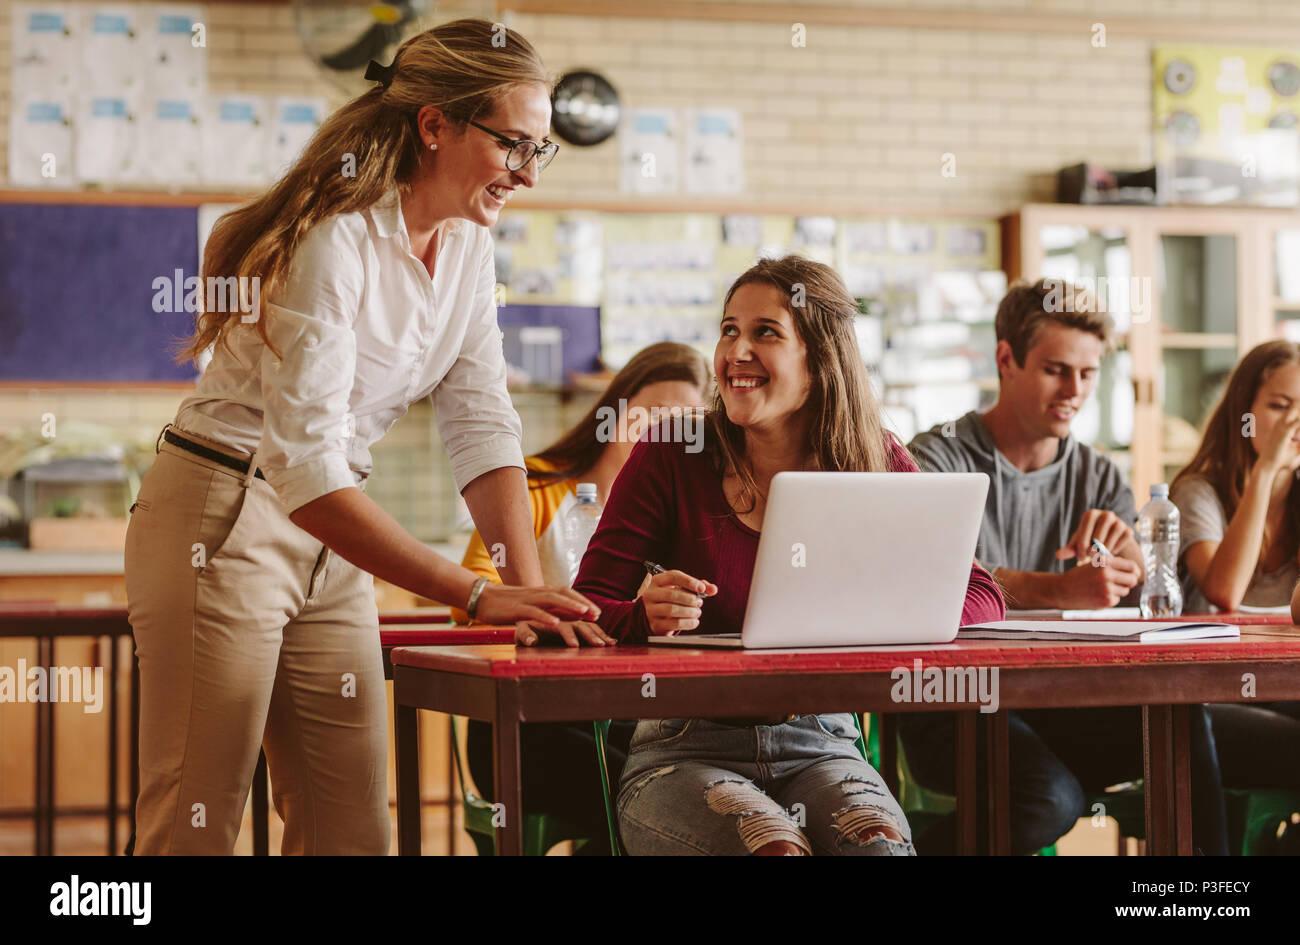 Happy woman high school le professeur aide les élèves au cours de sa classe. Groupe de jeunes en classe avec l'enseignant utiles. Photo Stock